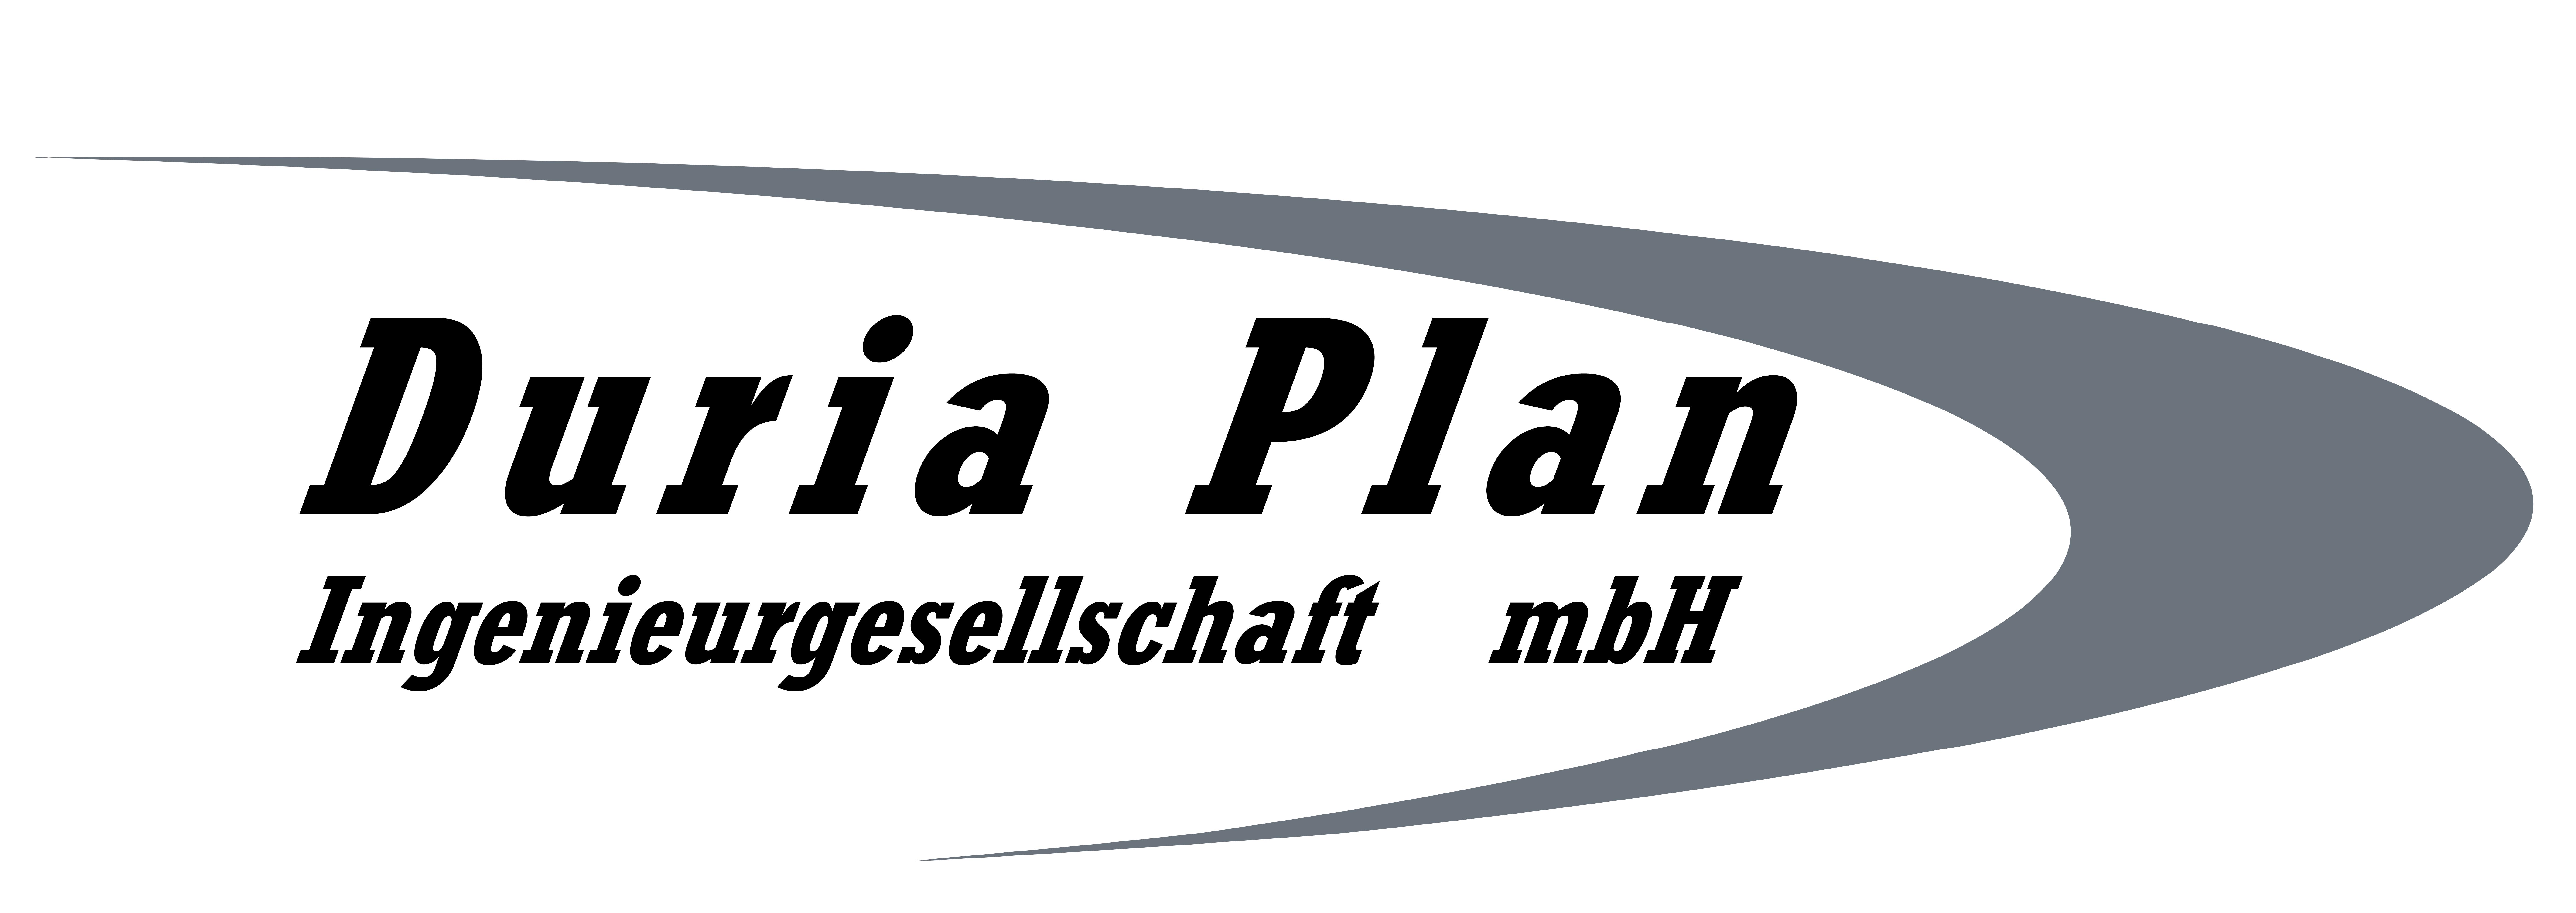 Duria Plan Ingenieurgesellschaft mbH